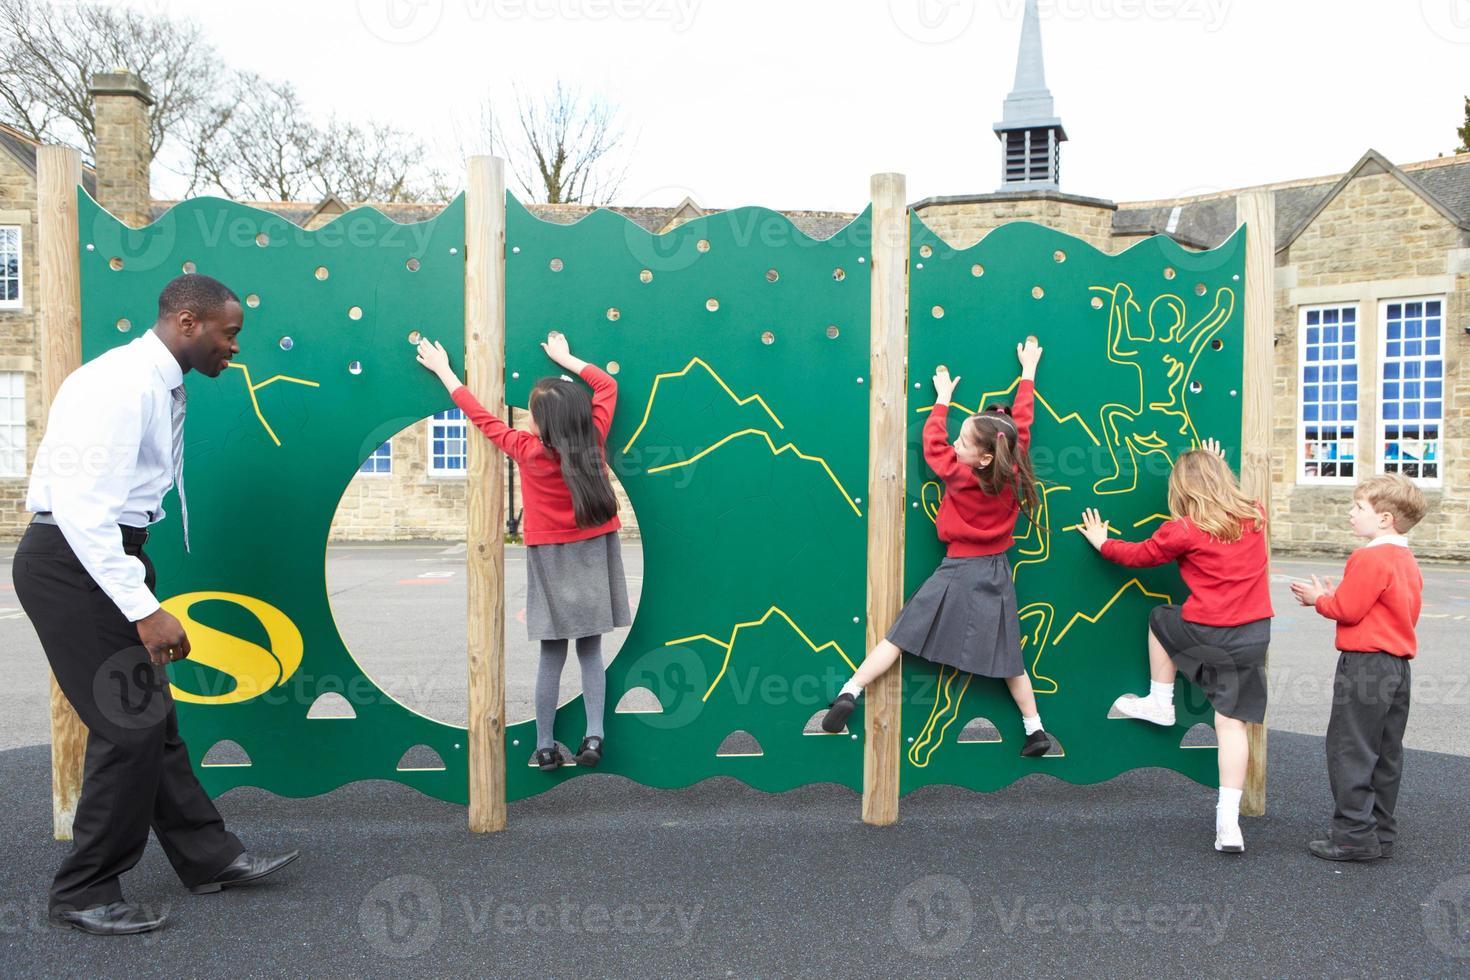 enfants, escalade, mur, école, cour de récréation, pause photo